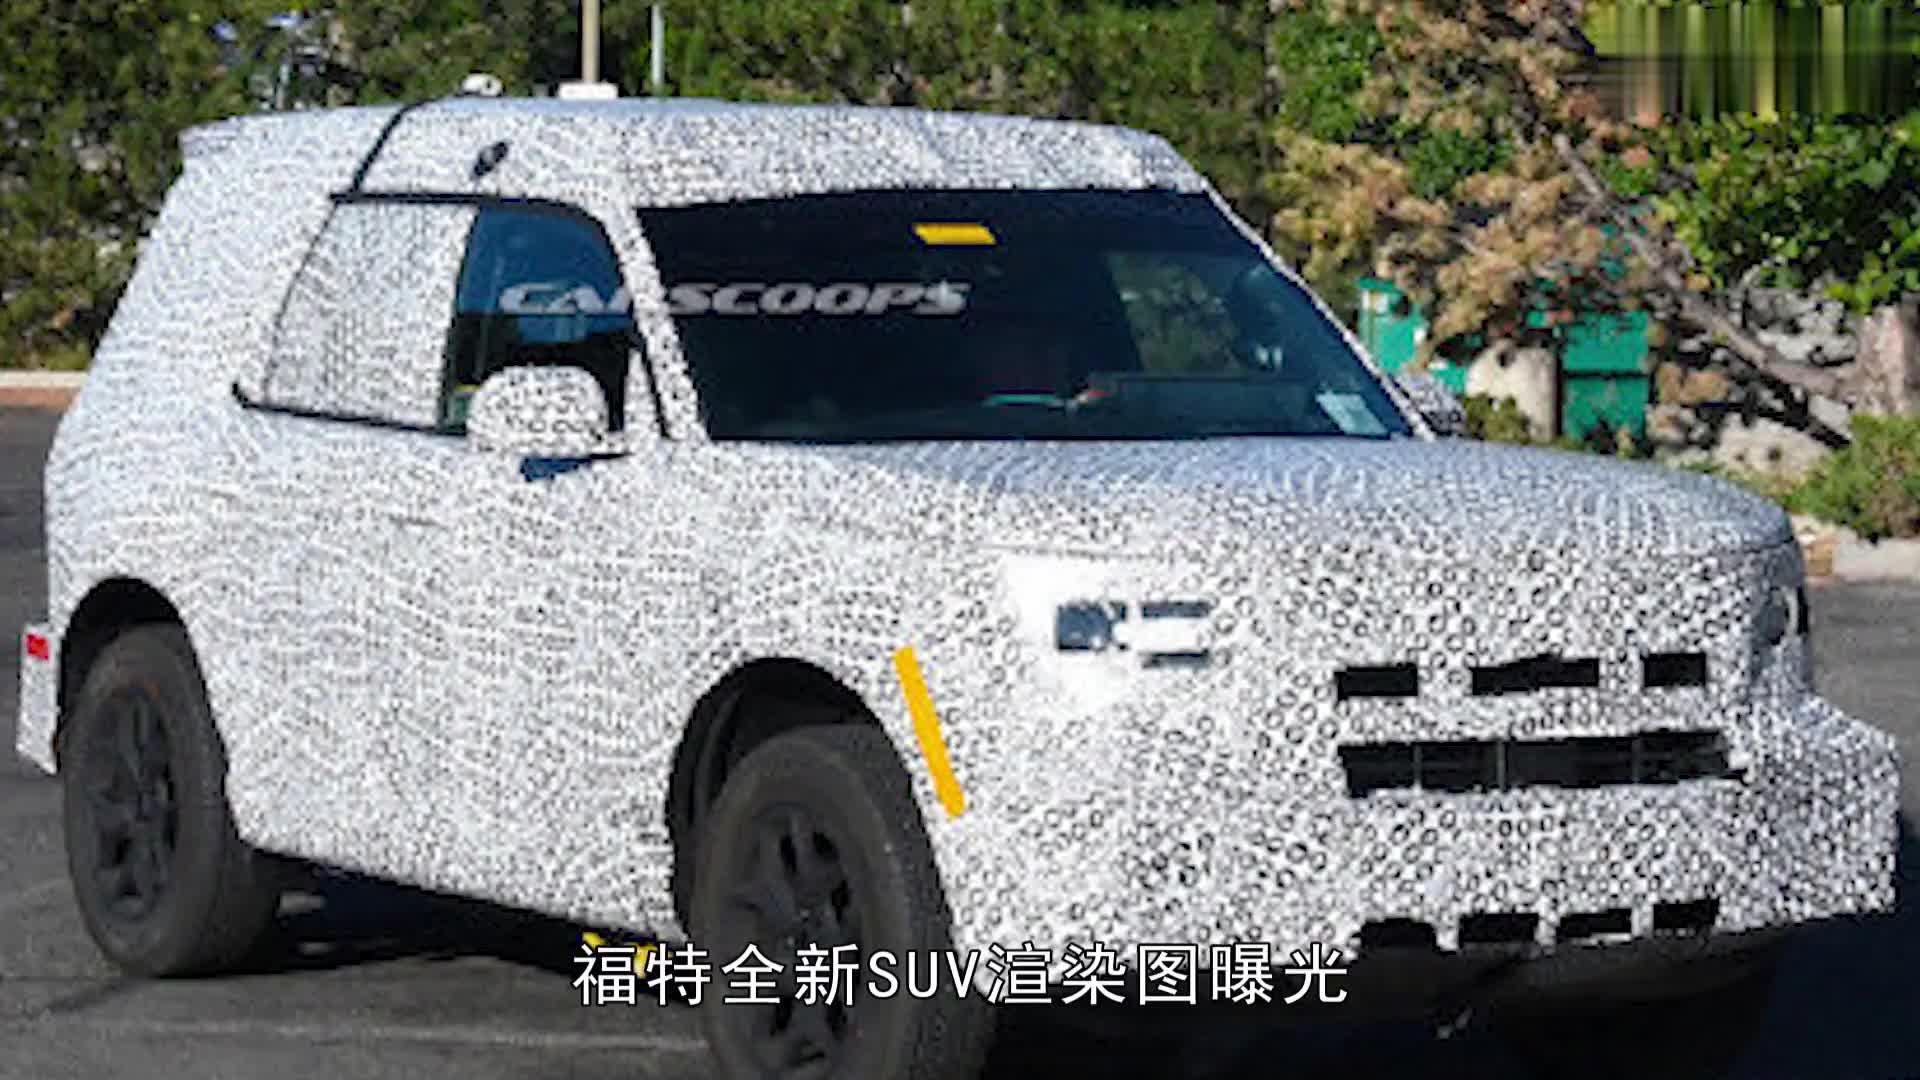 福特继锐际又一款SUV,外观和路虎卫士撞脸这还是印象中的福特吗